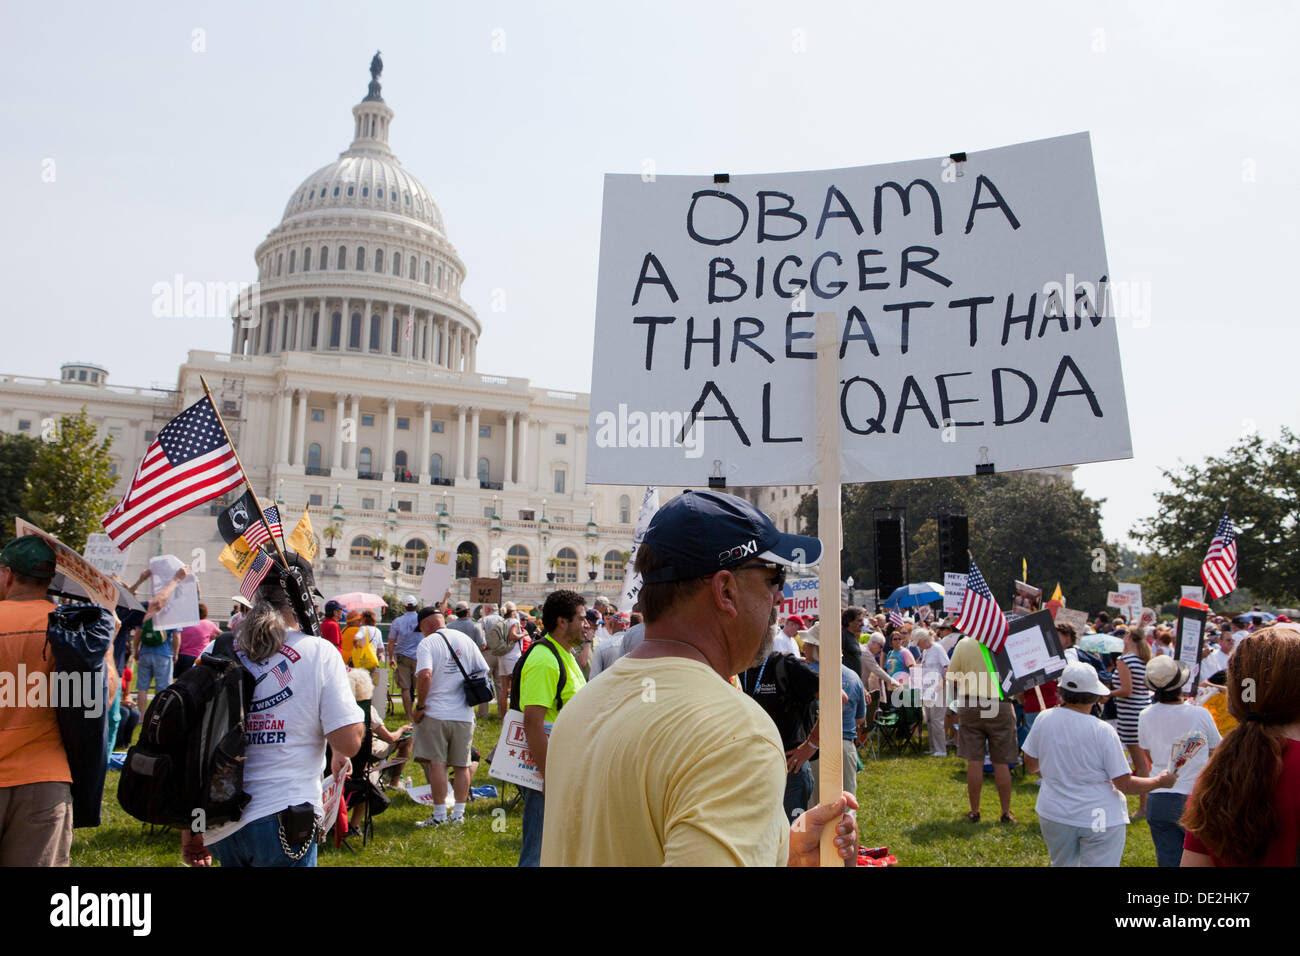 http://c8.alamy.com/comp/DE2HK7/tea-party-activists-gather-on-capitol-hill-to-protest-against-obamacare-DE2HK7.jpg